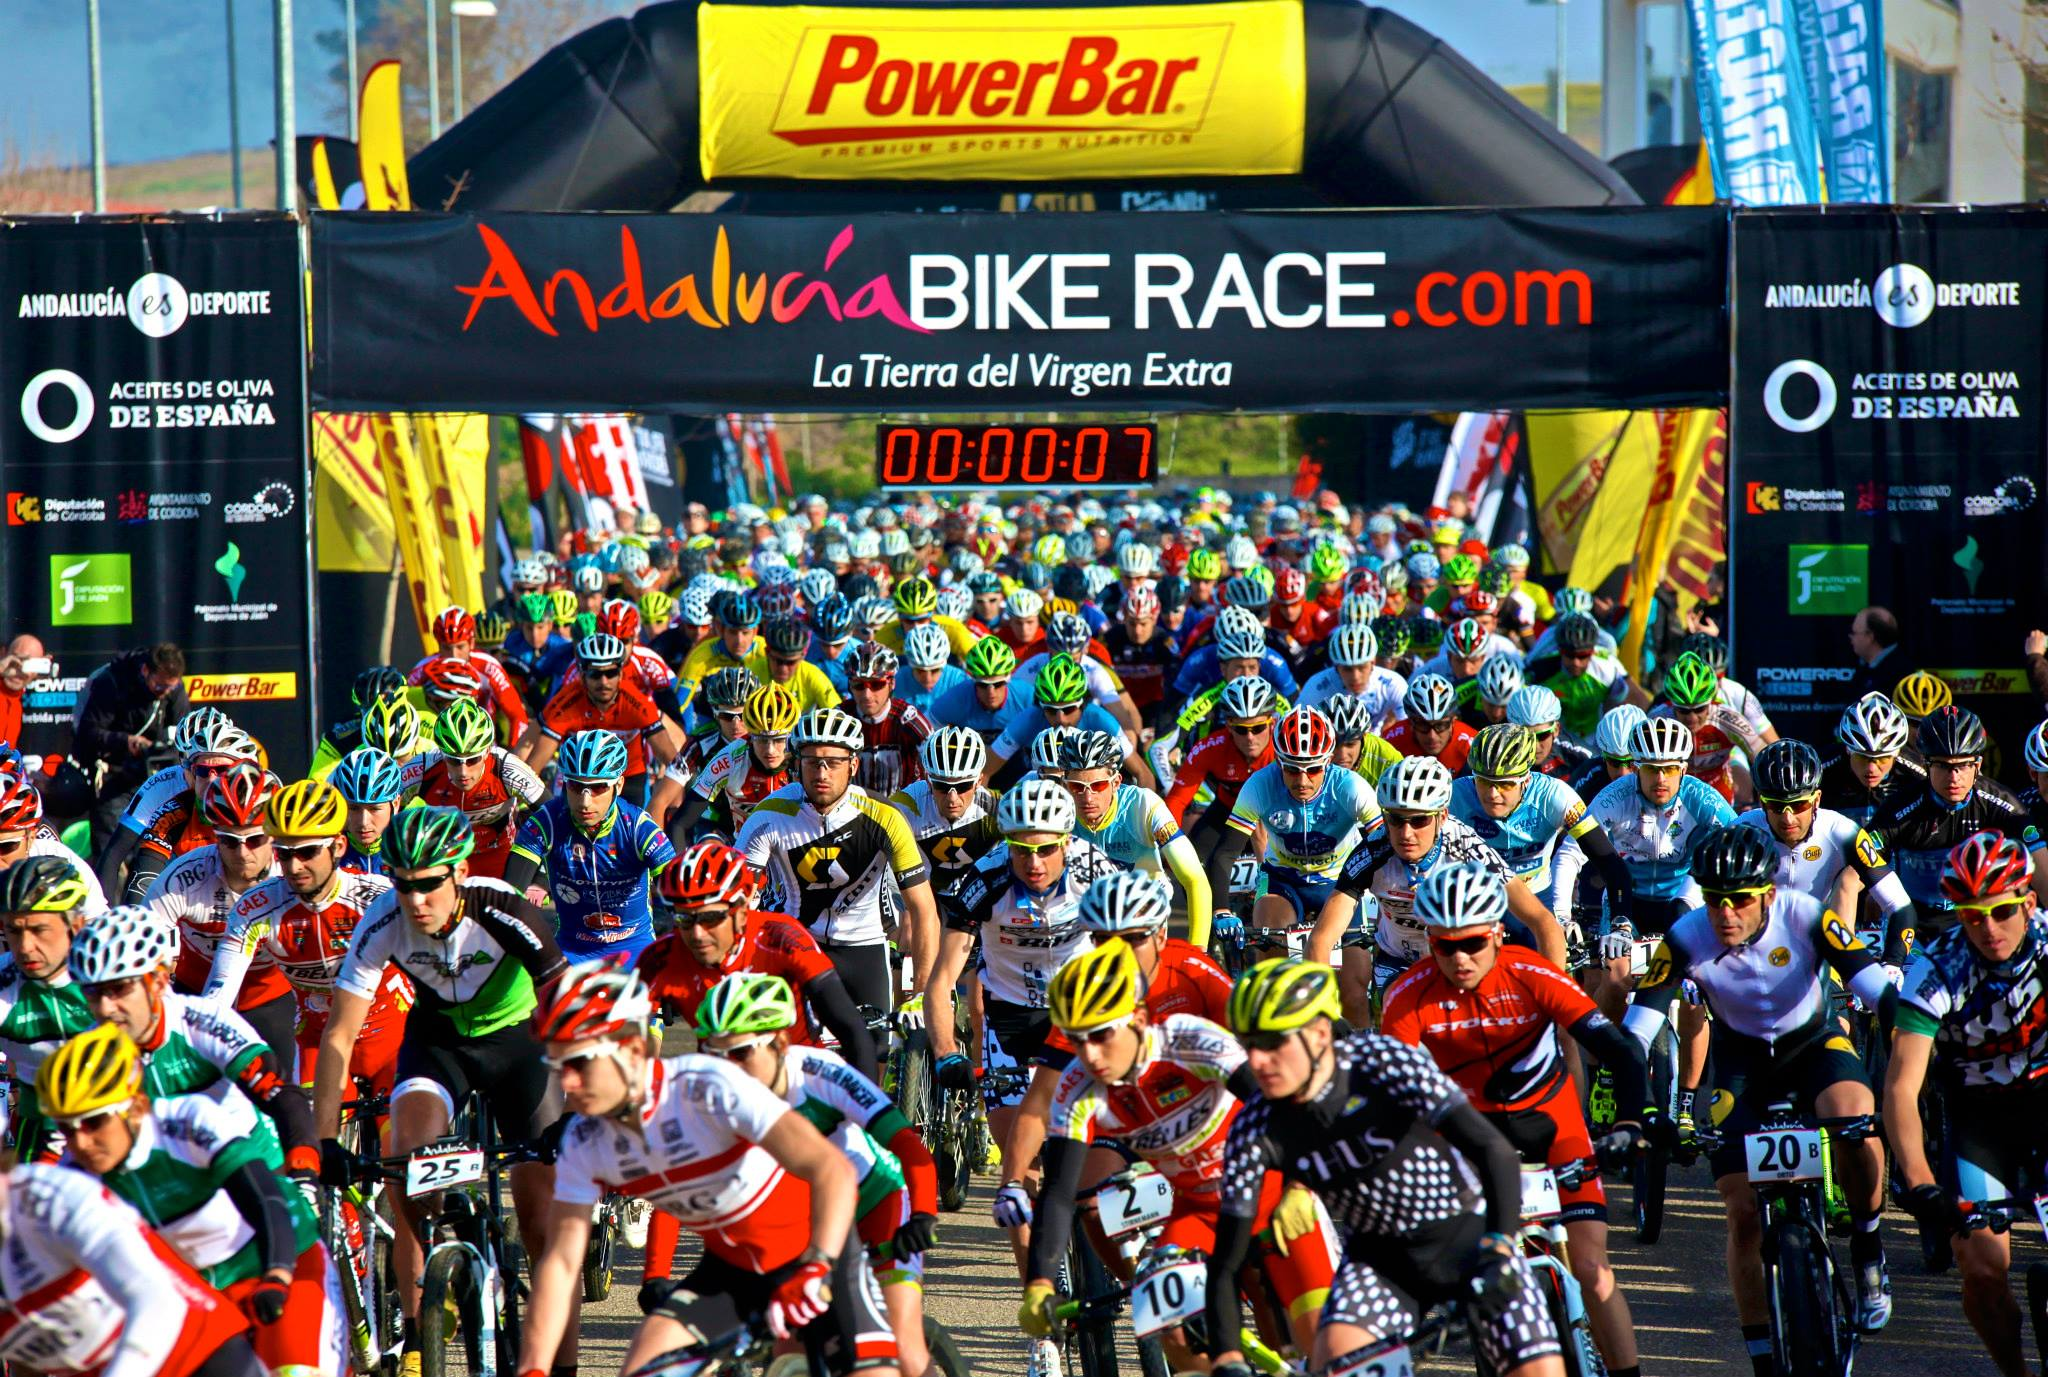 AndaluciaBikeRace PowerBar